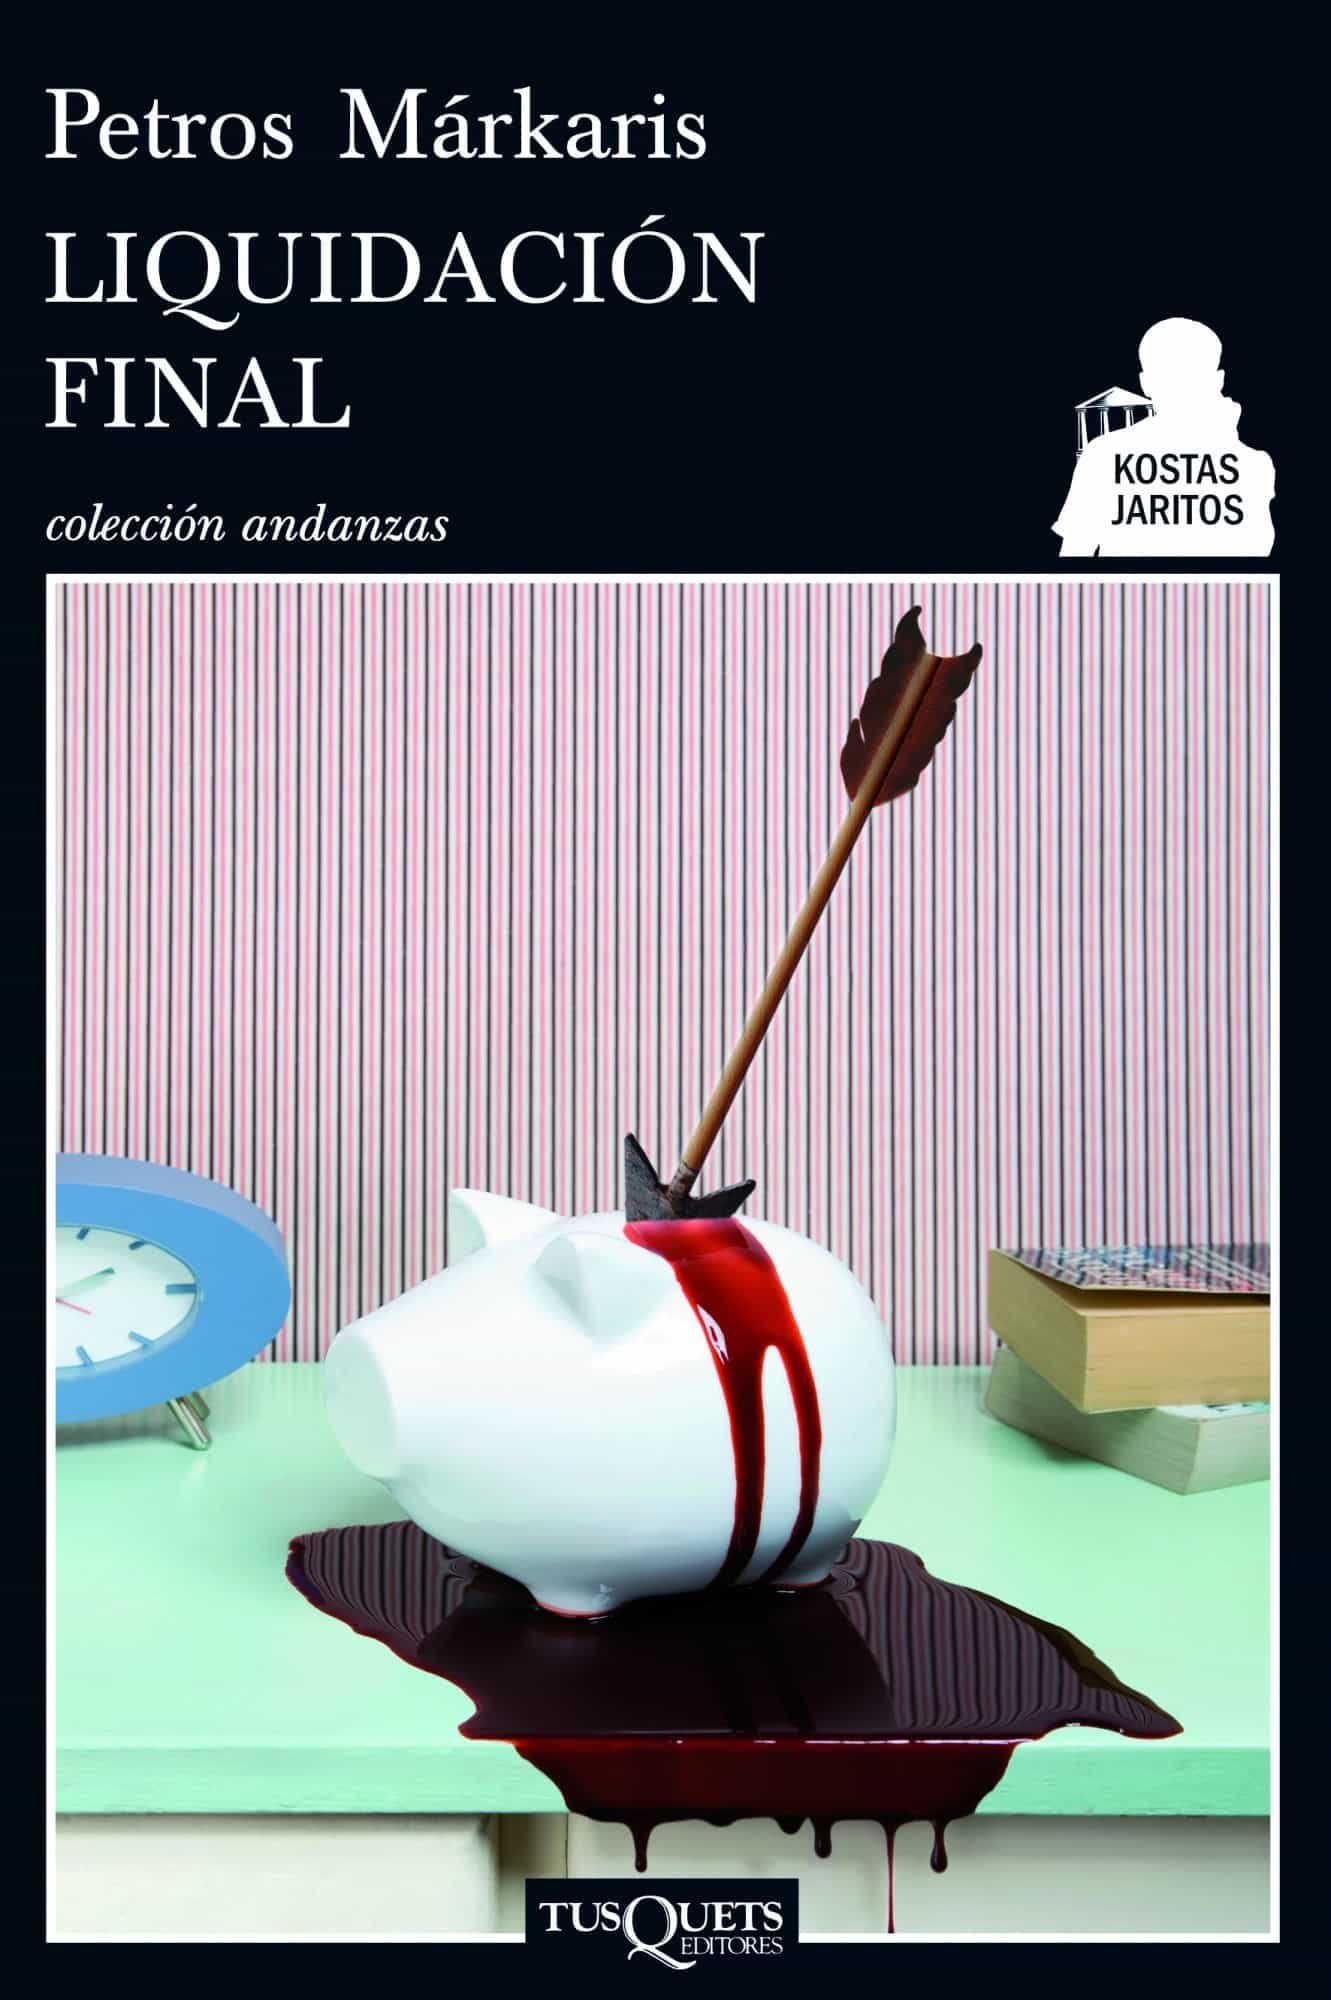 Liquidacion Final por Petros Markaris